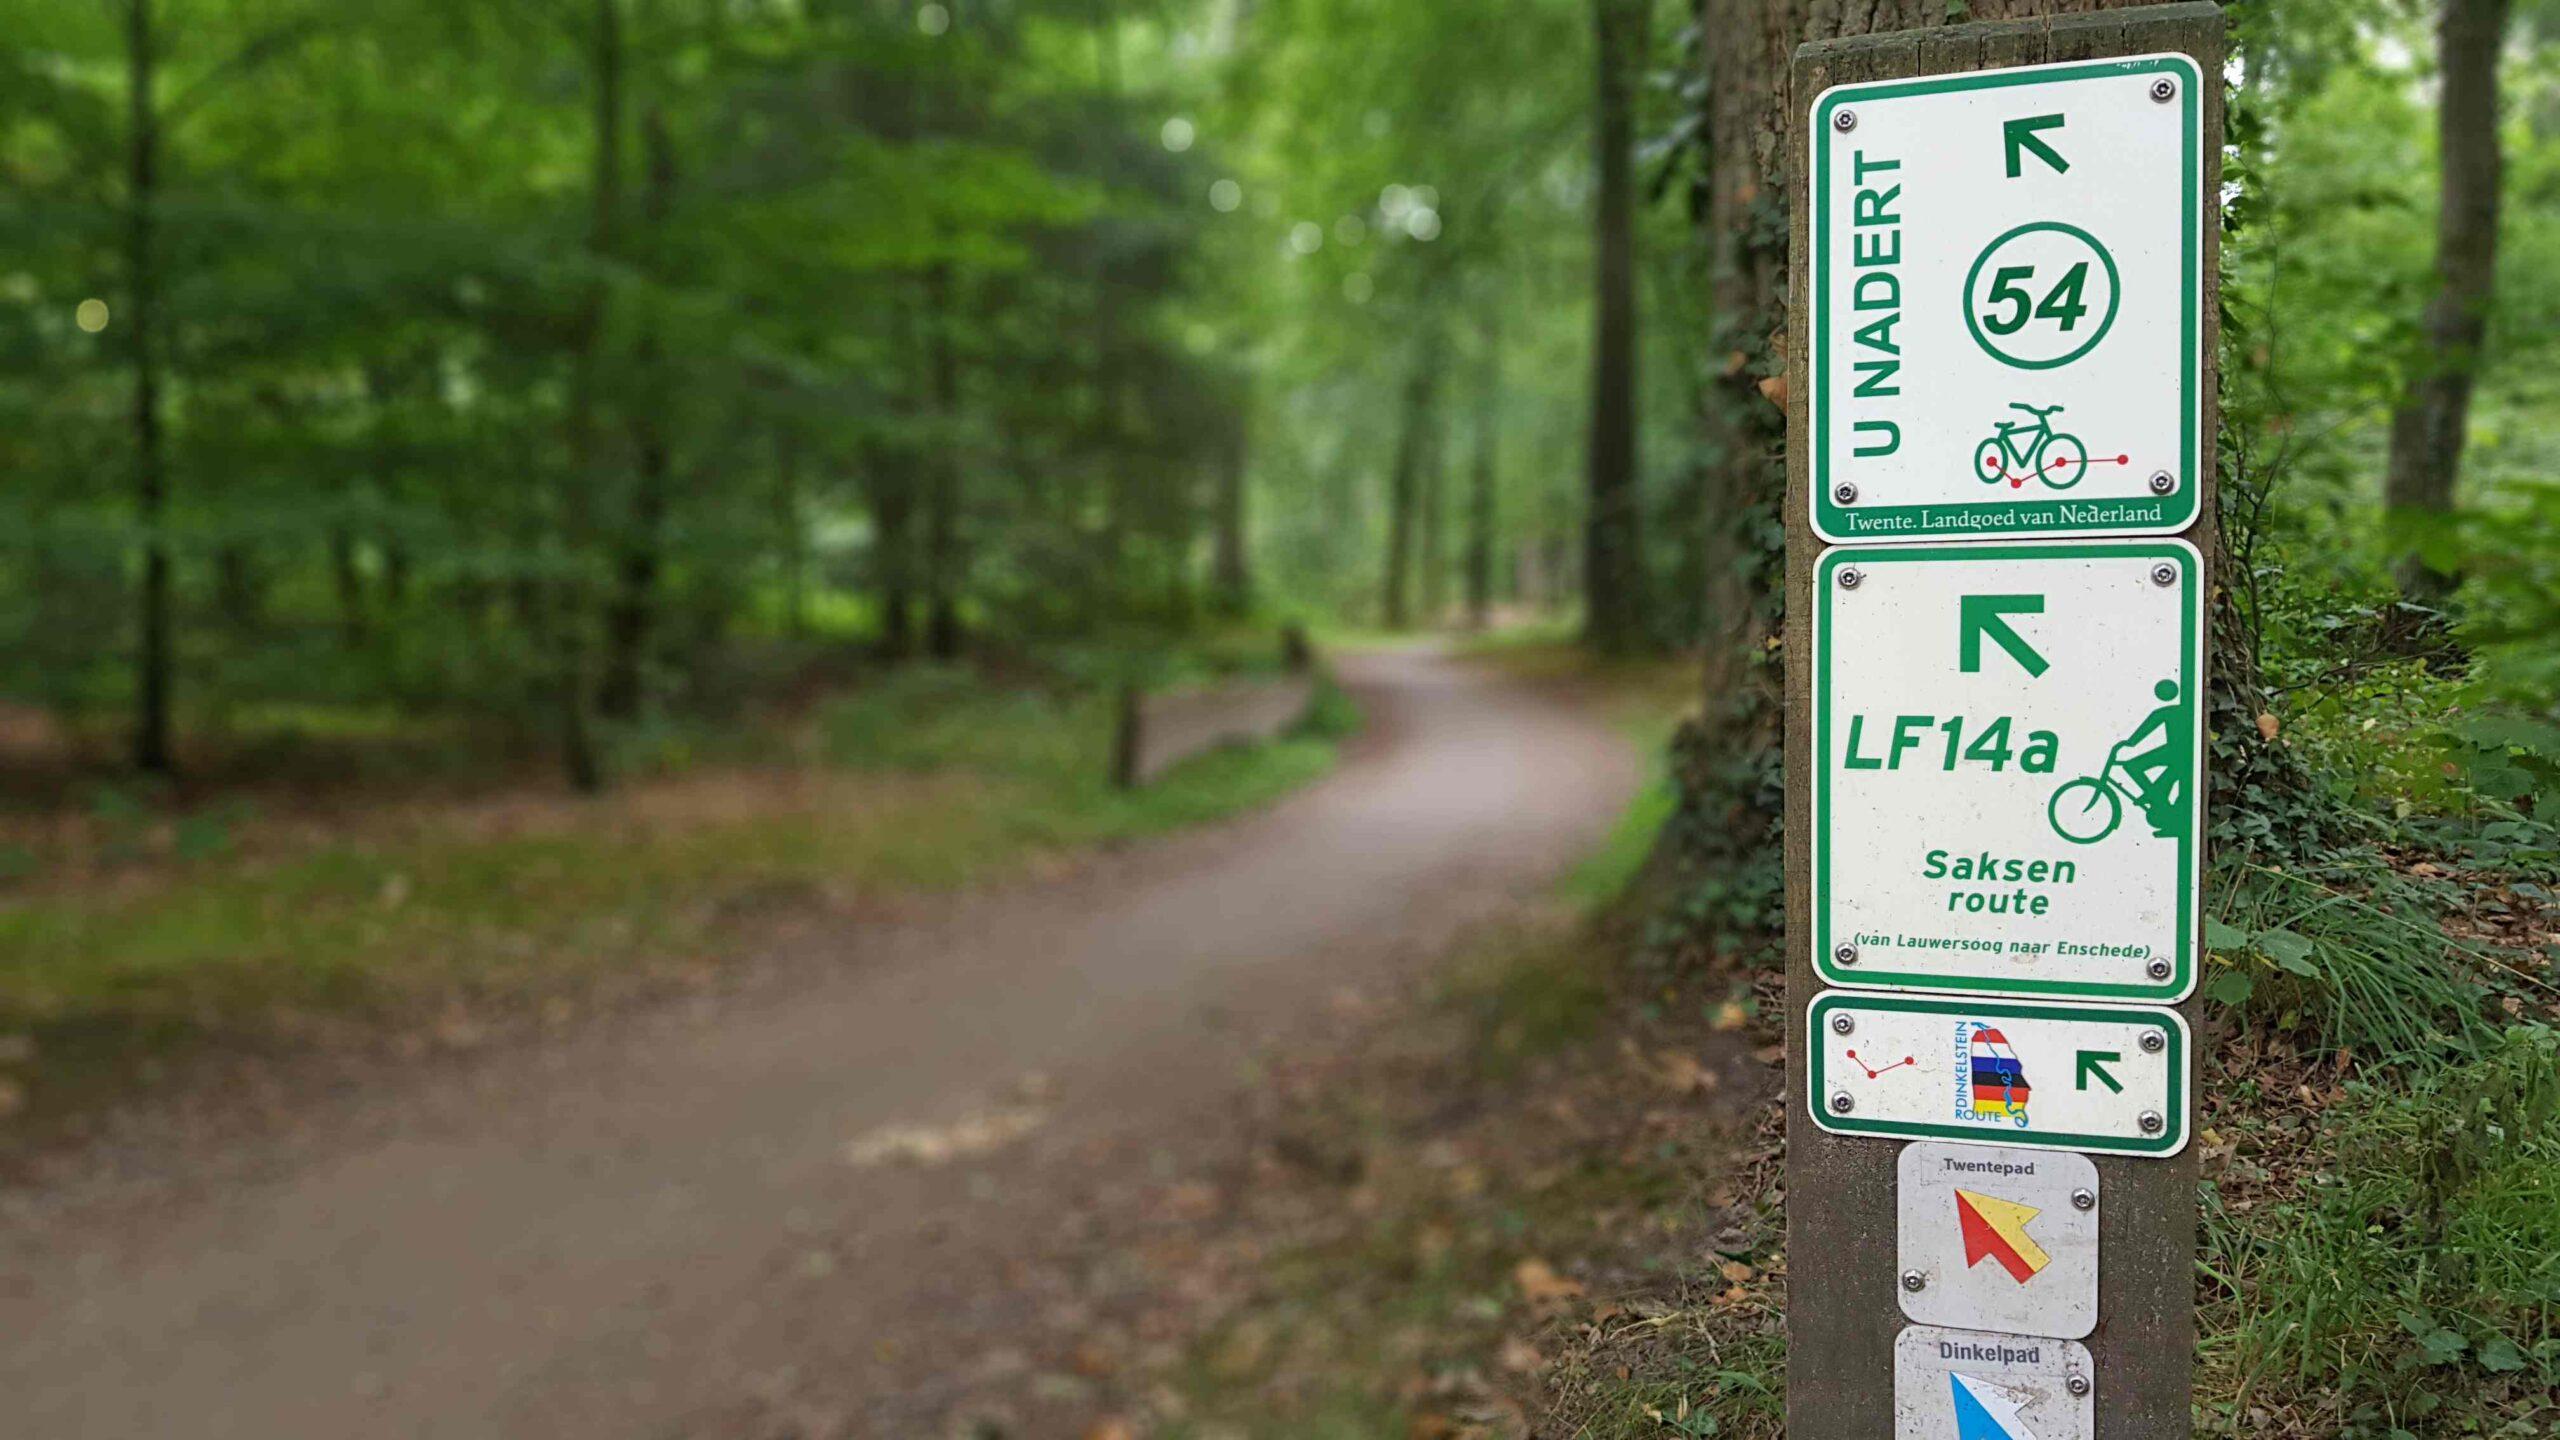 Ronde-van-Nederland-LF14a-Saksenroute